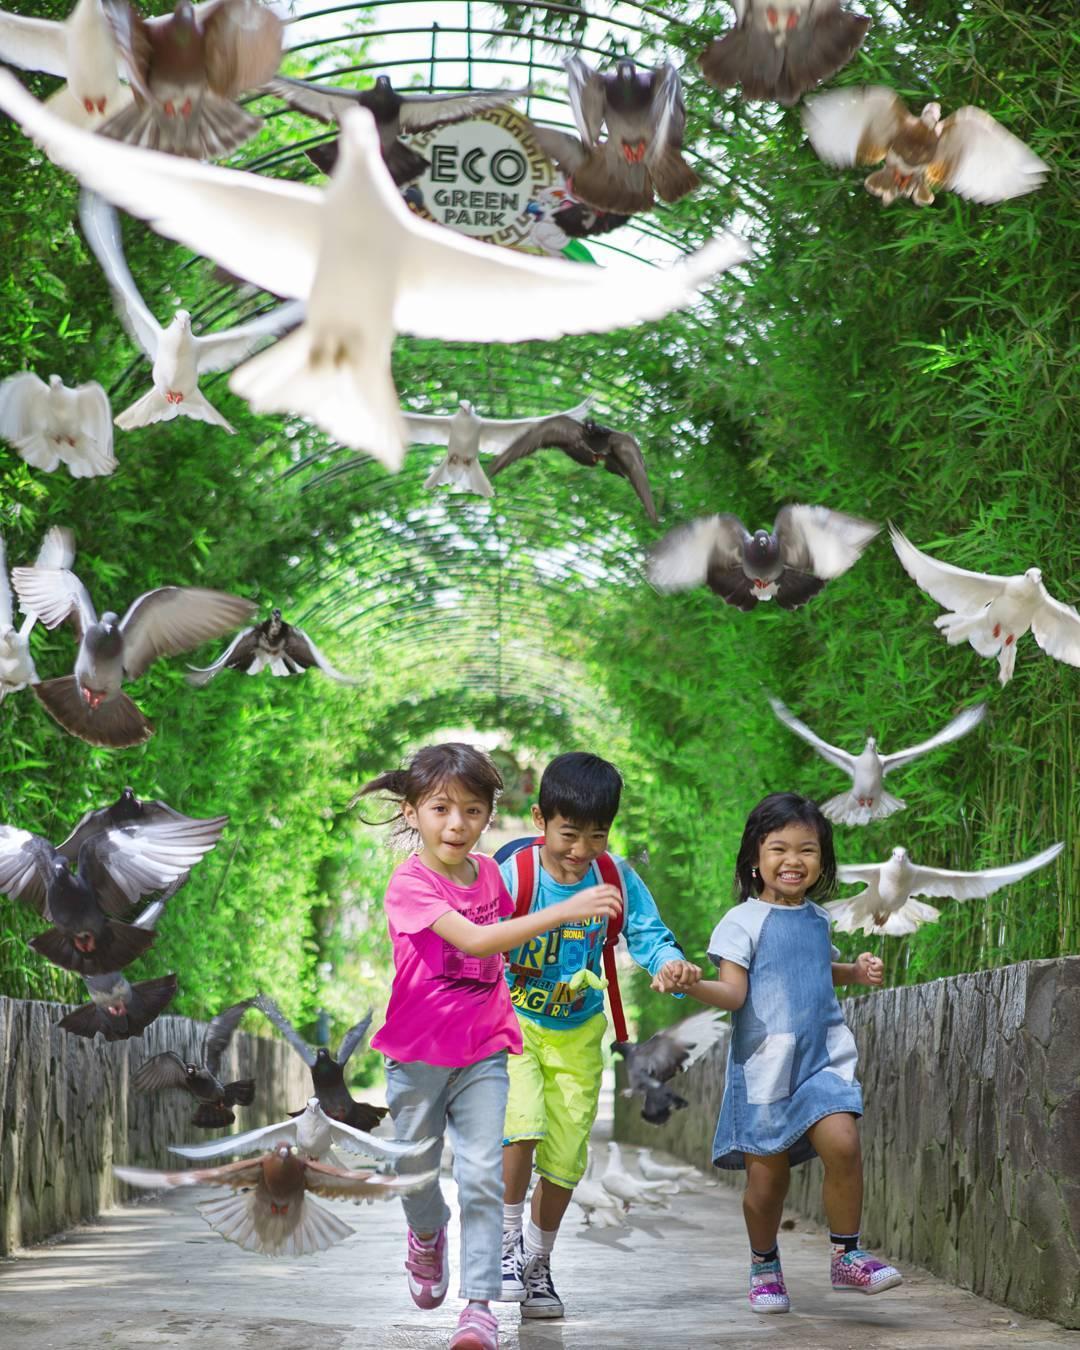 Tiket Masuk Ke Jatim Park Diskon 40 Selama Bulan Ramadhan